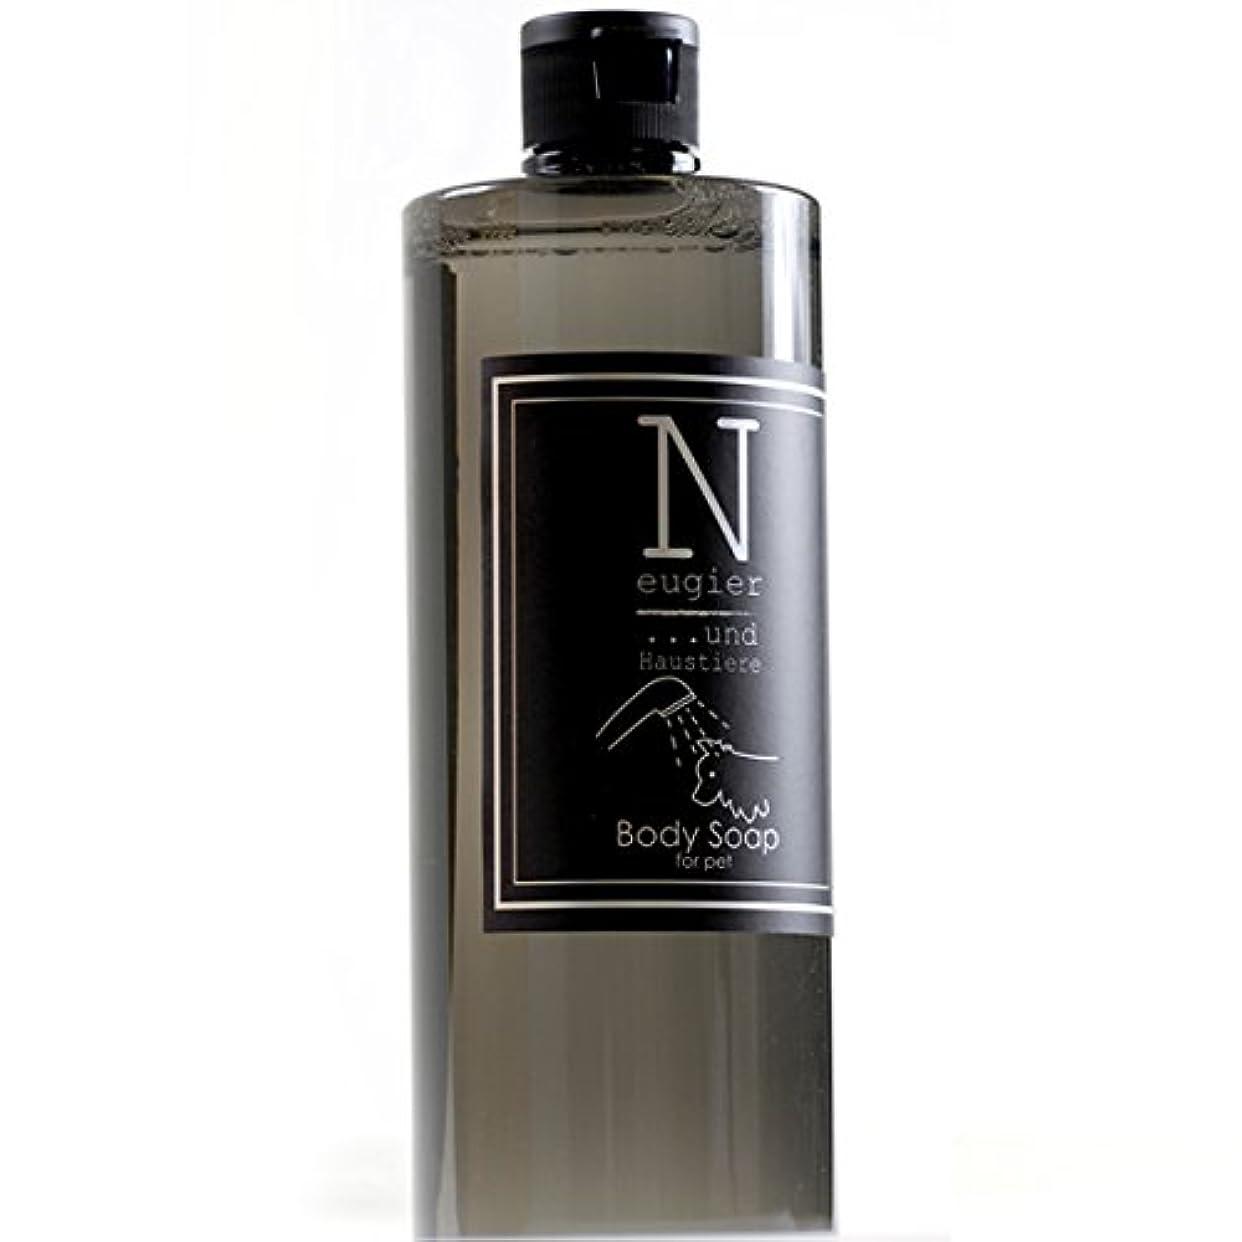 吸収剤学部花瓶Neugier ケアシリーズ body Soap (ボディーソープ/ペットシャンプー) (500)